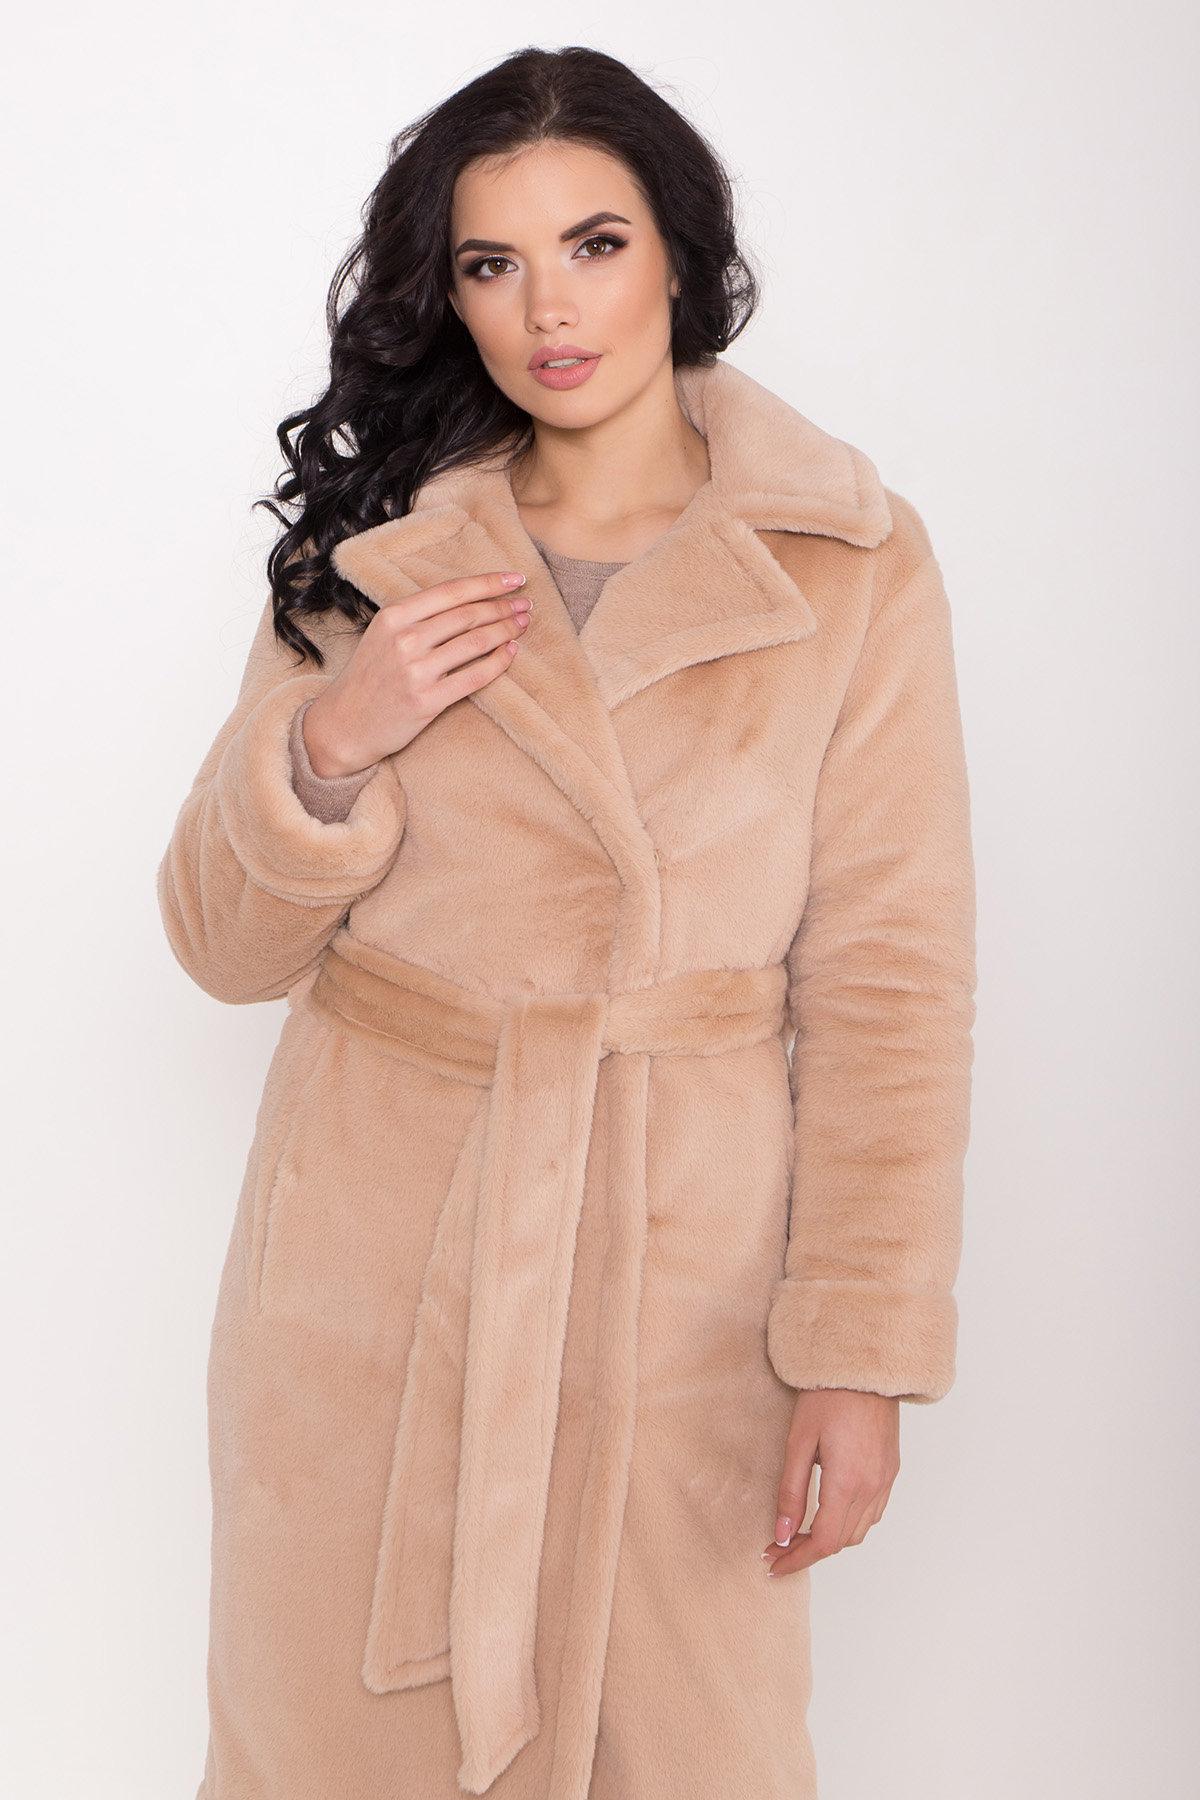 Зимнее пальто из искусственного меха норки Саманта 8641 АРТ. 44956 Цвет: Бежевый - фото 5, интернет магазин tm-modus.ru